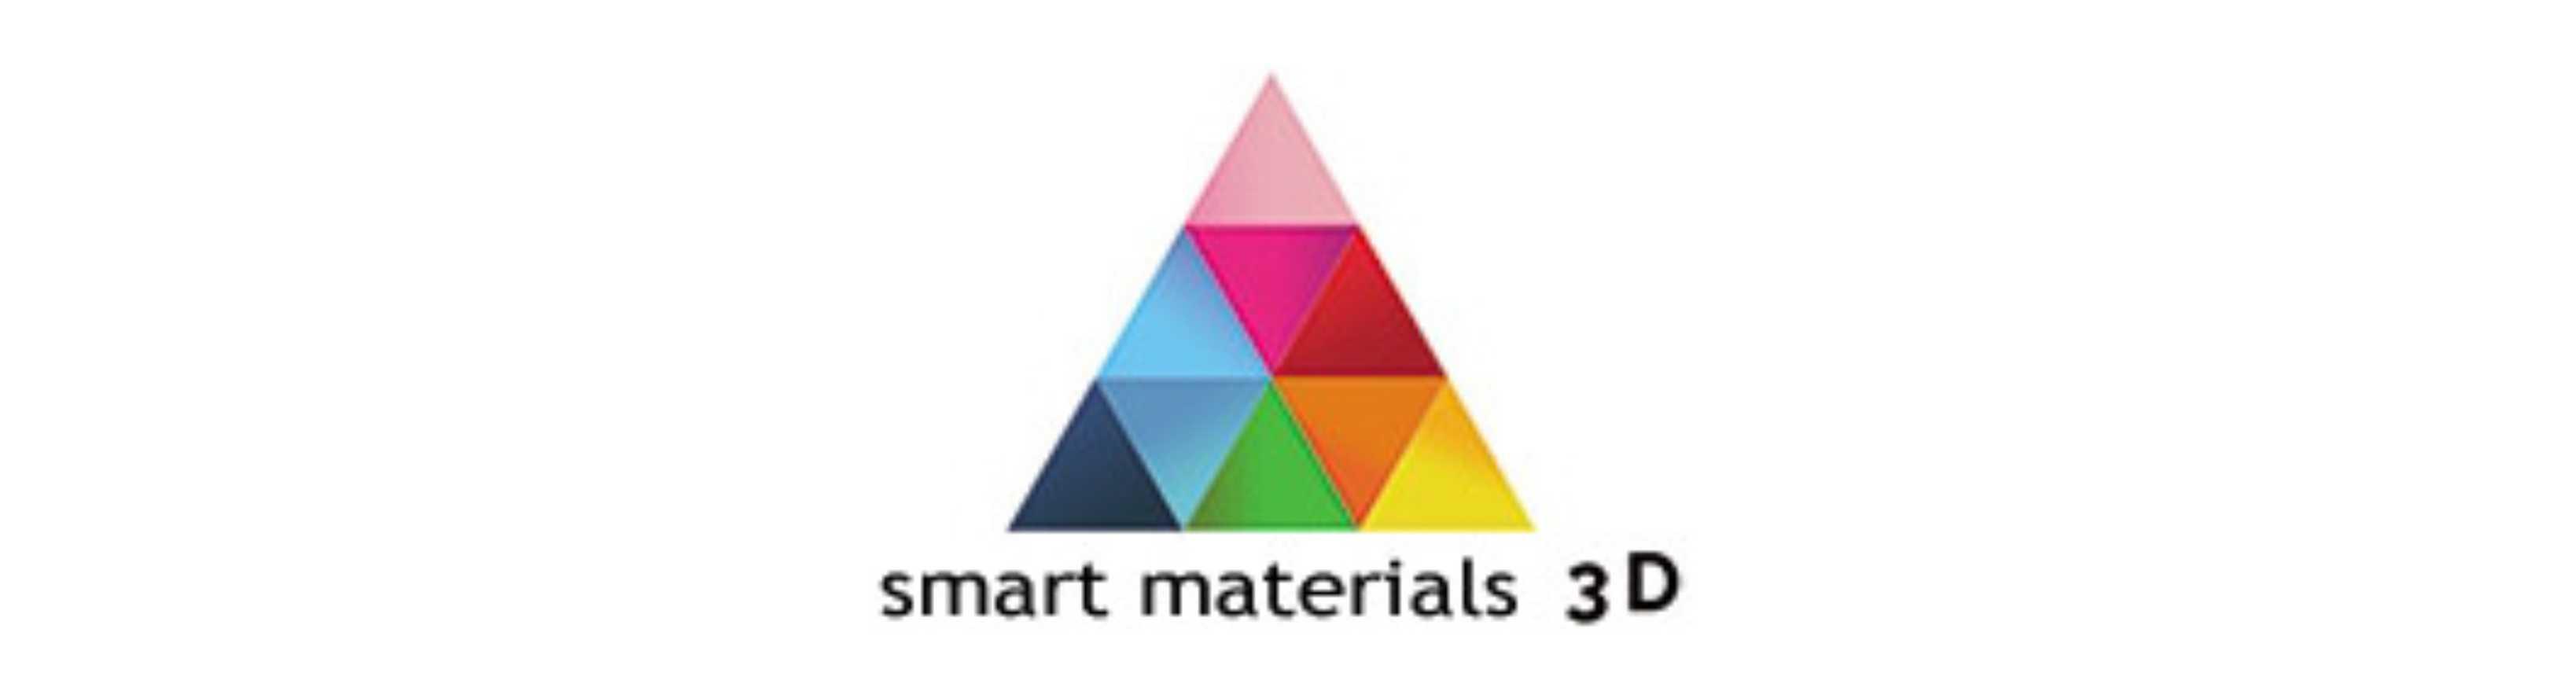 smart materials 3d.jpg